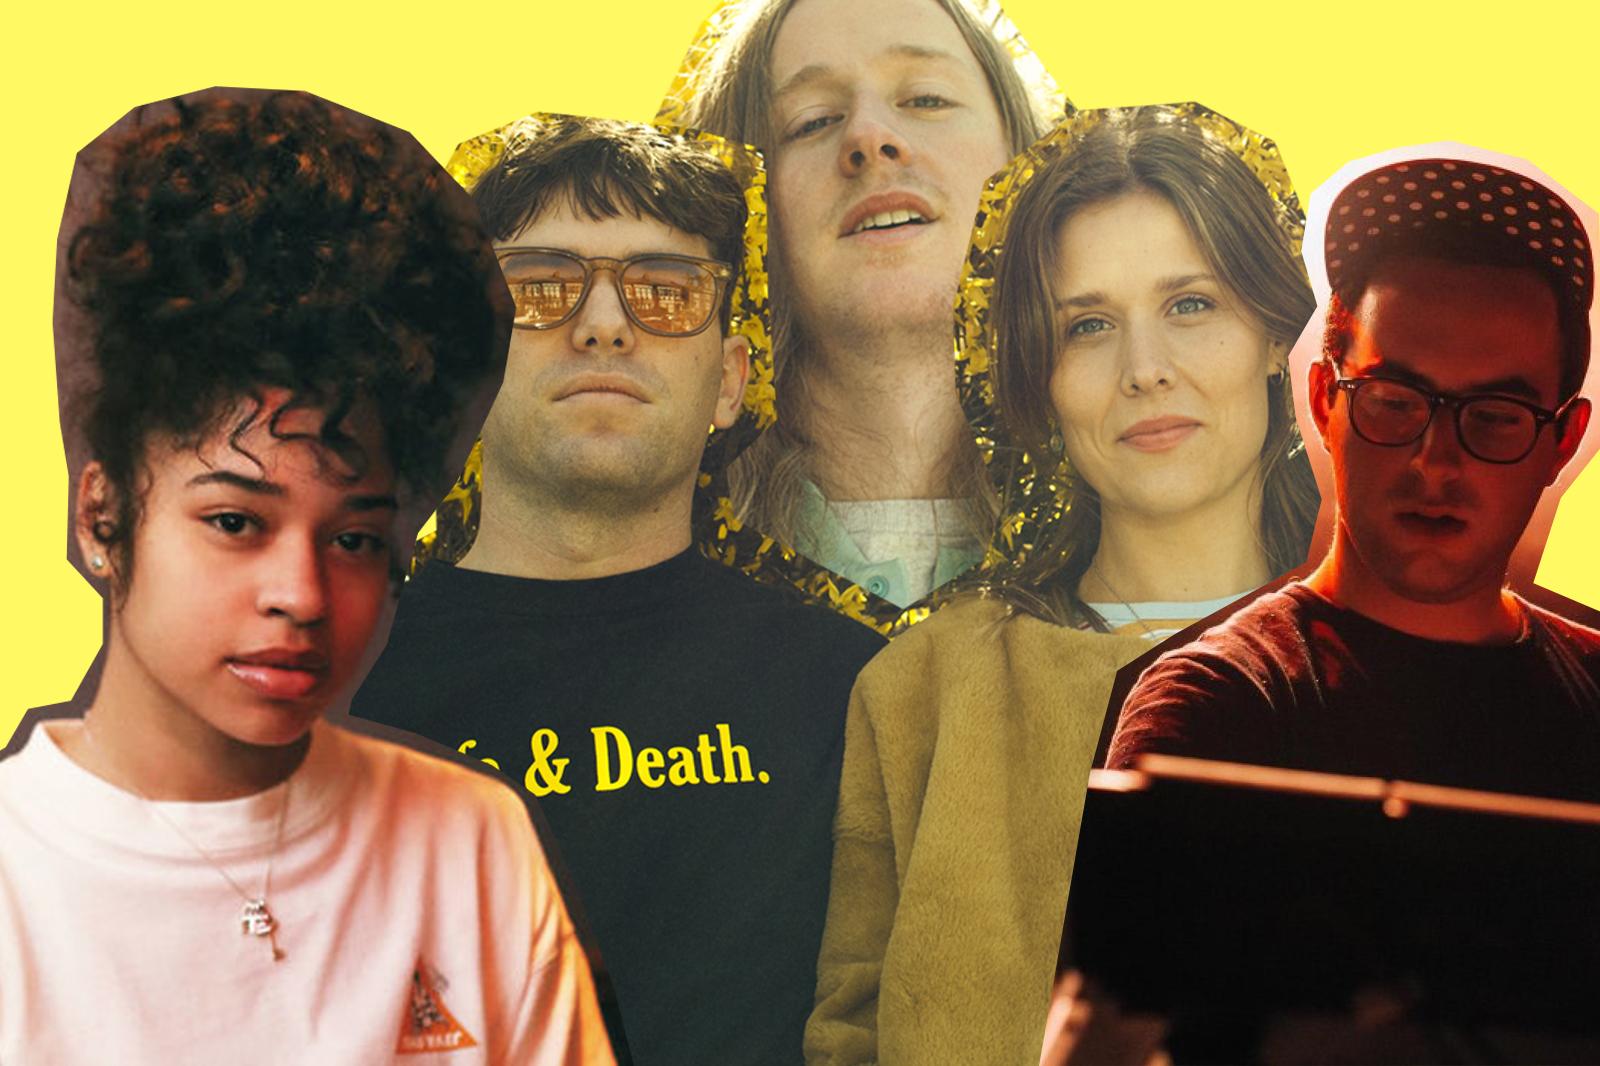 Fresh music fridays: 12/10/18 - by Lawson Wrigley, Callum Maddox, and Rhea Thomas